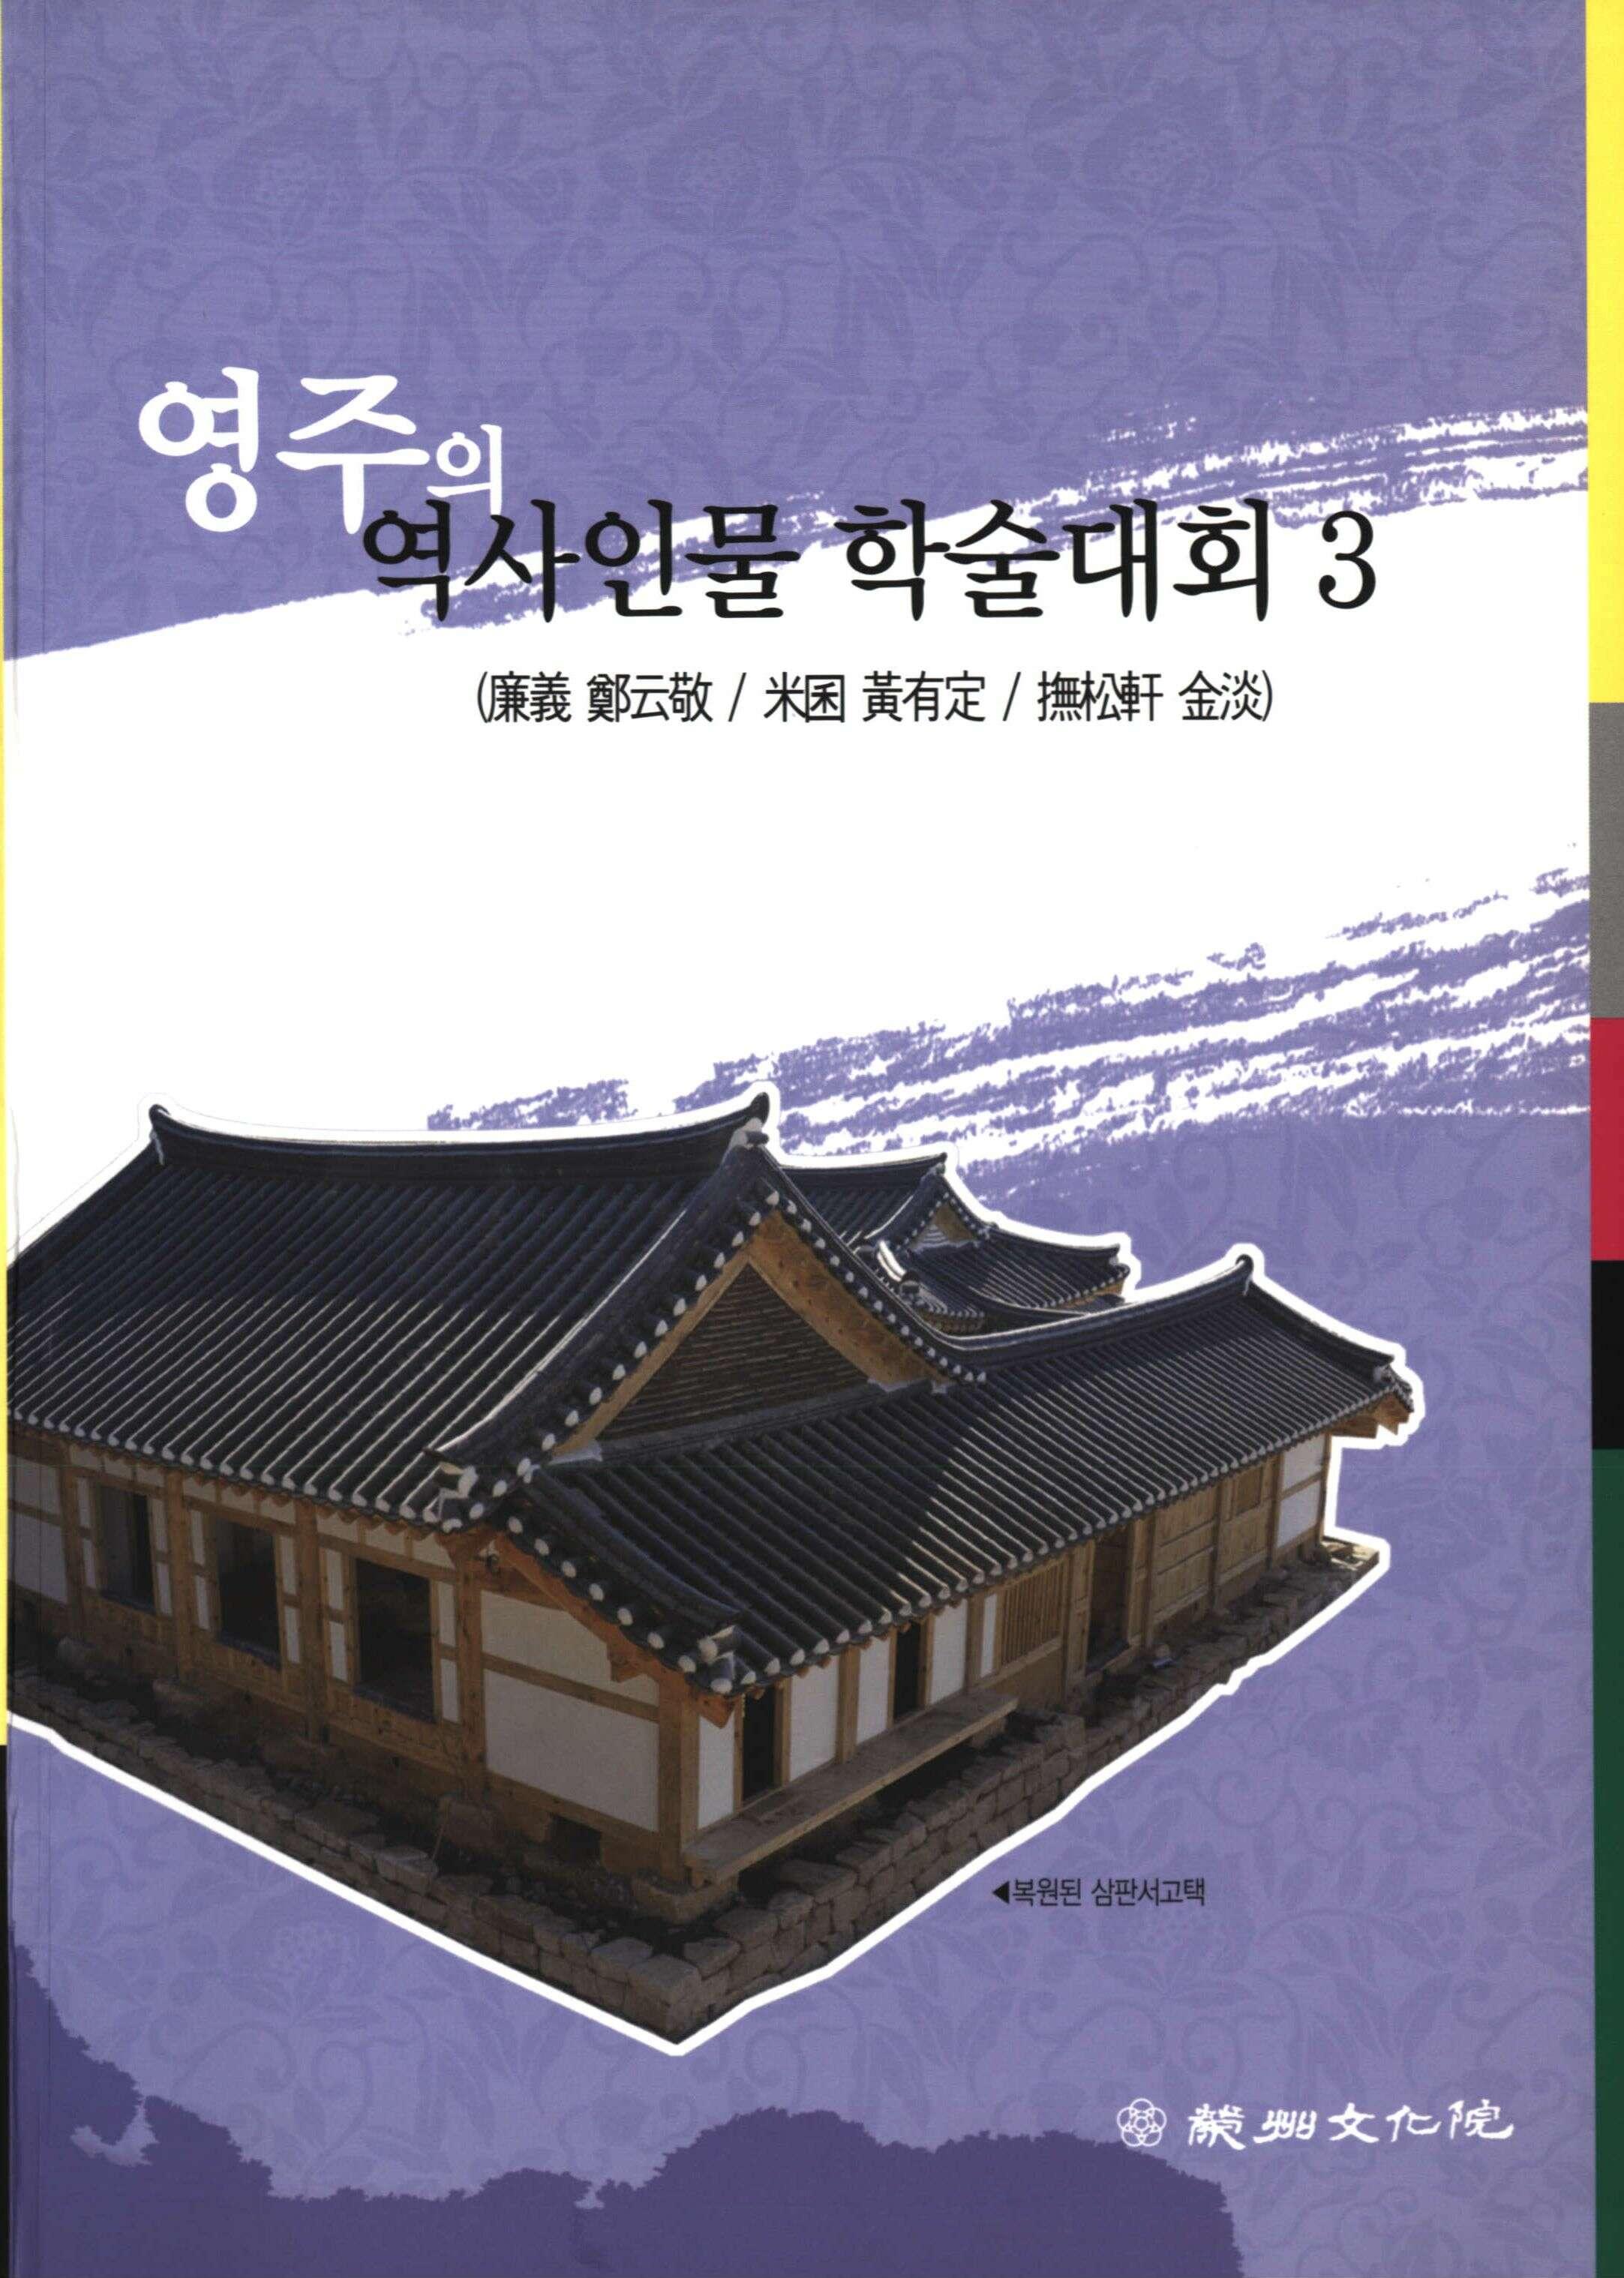 영주의 역사인물 학술대회3 (廉義 鄭云敬 / 米囷 黃有定 / 撫松軒 金淡)